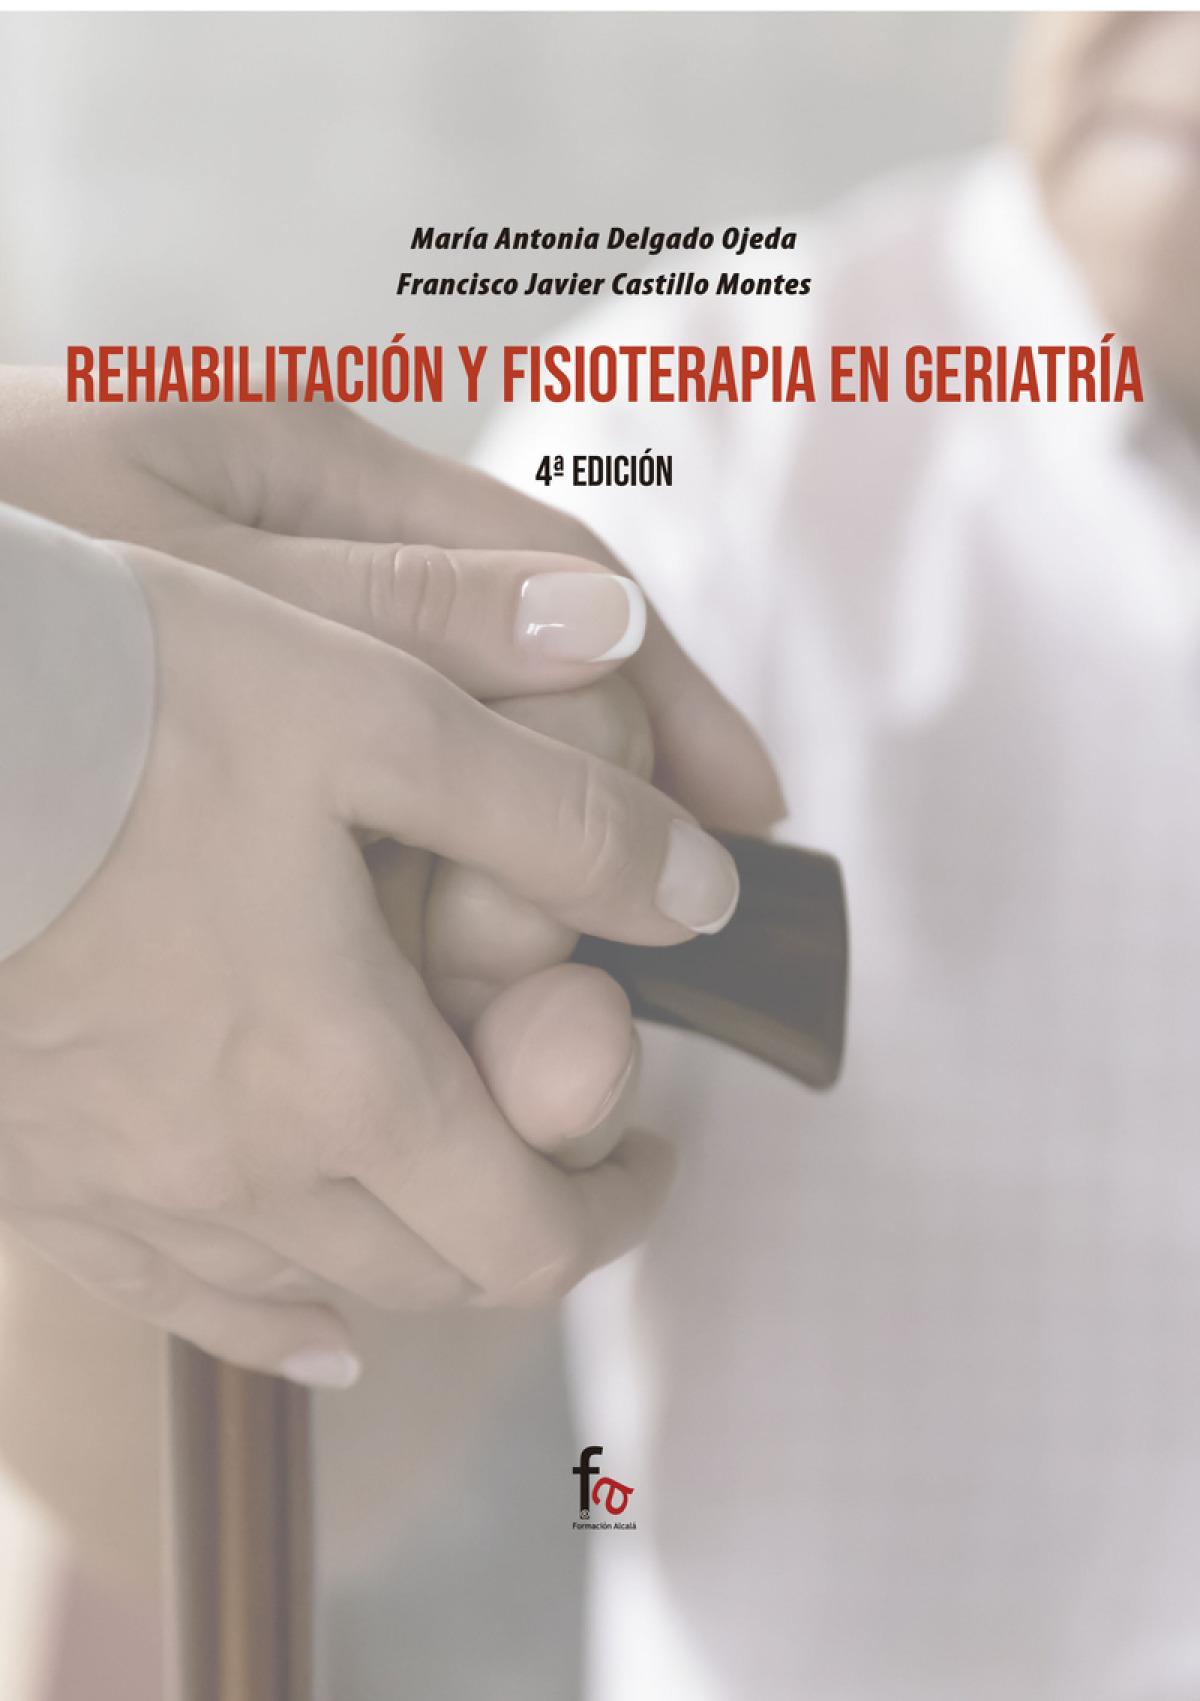 REHABILITACIÓN Y FISIOTERAPIA EN GERIATRÌA-4ºEDICIÓN